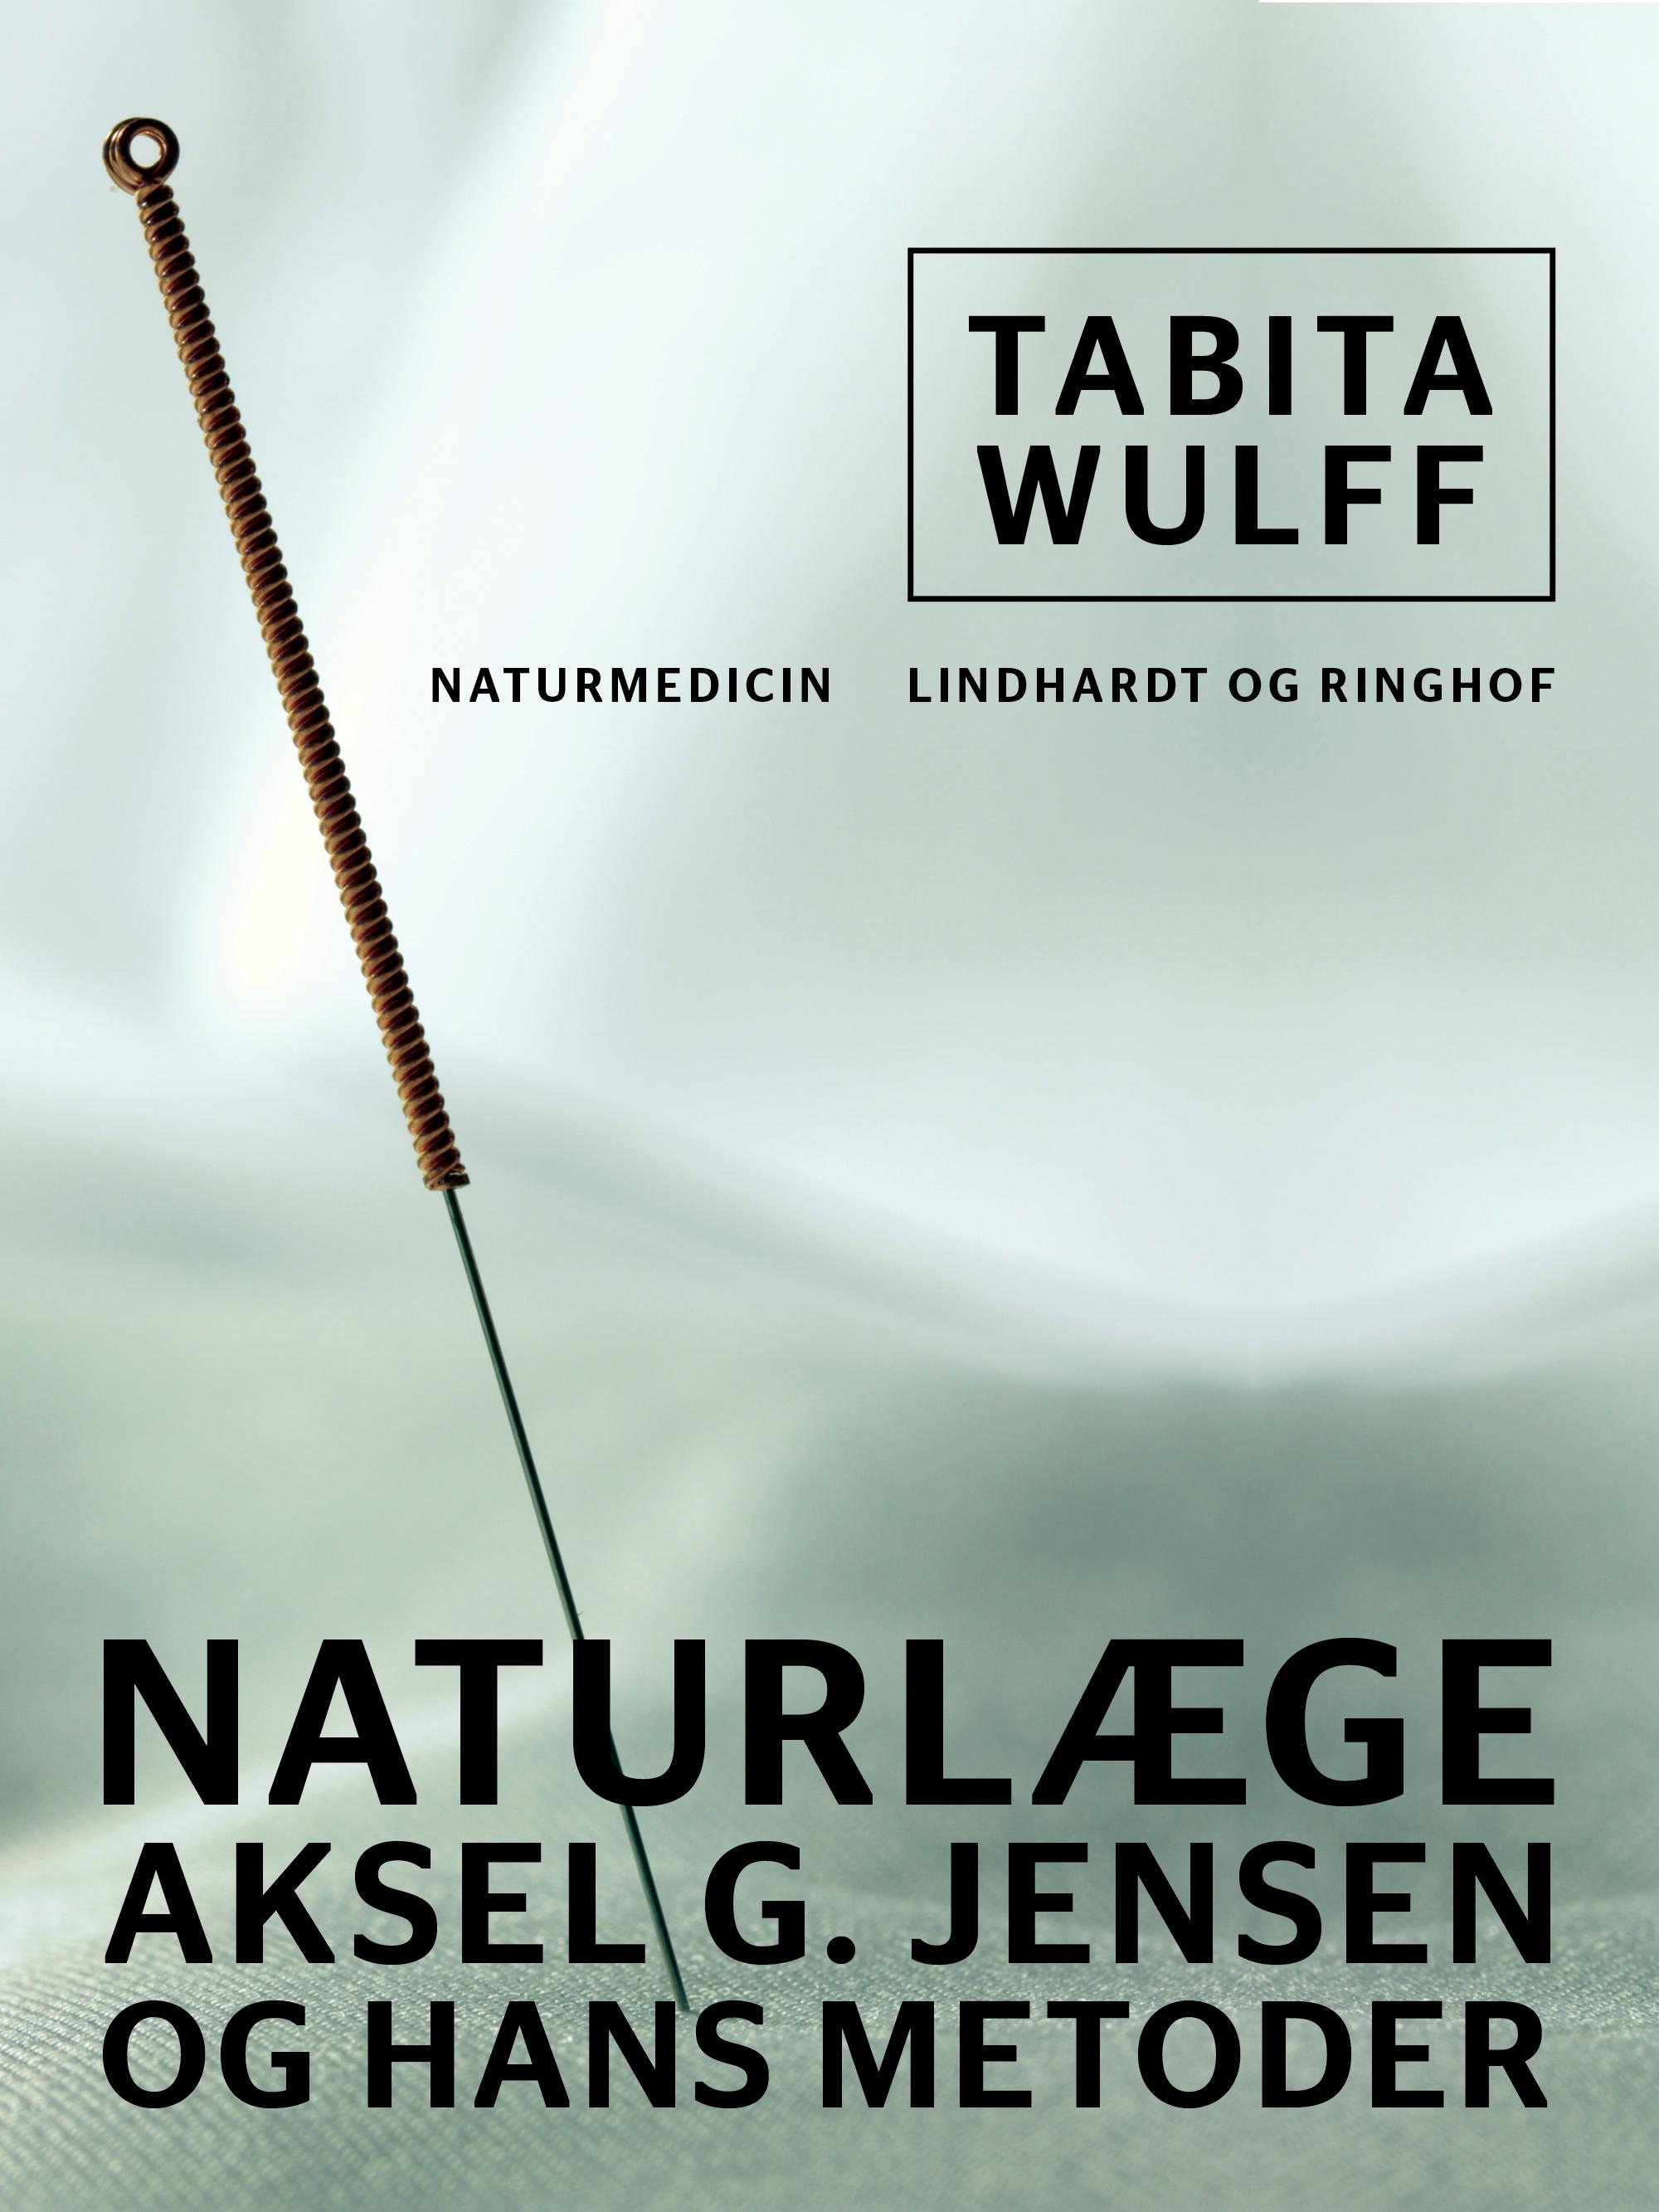 N/A Naturlæge aksel g. jensen og hans metoder - e-bog på bog & mystik